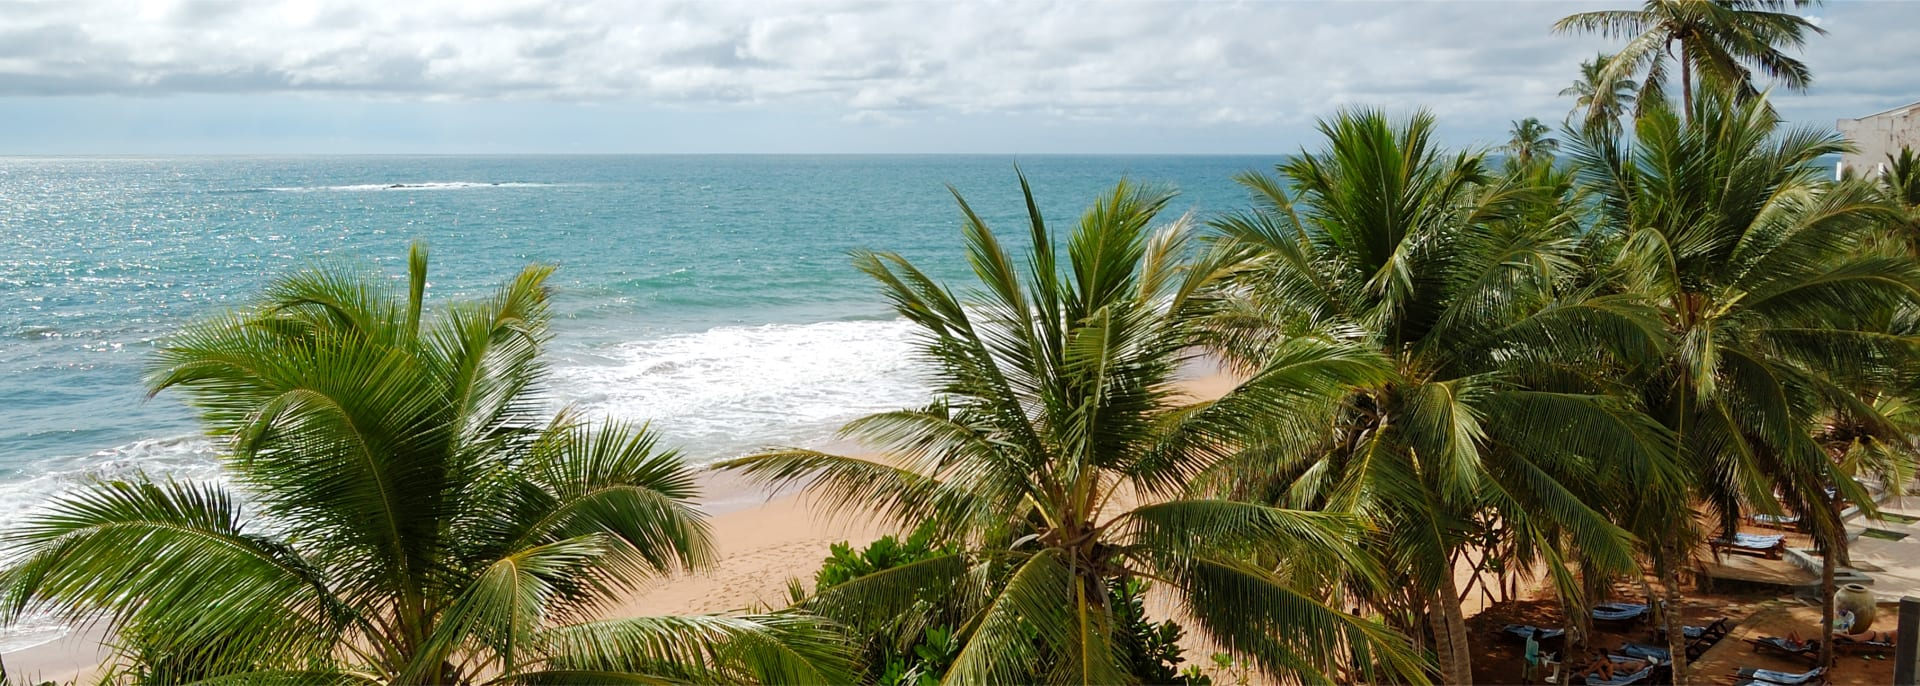 Strand und türkisfarbenes Wasser im Indischen Ozean, Bentota, Sri Lanka